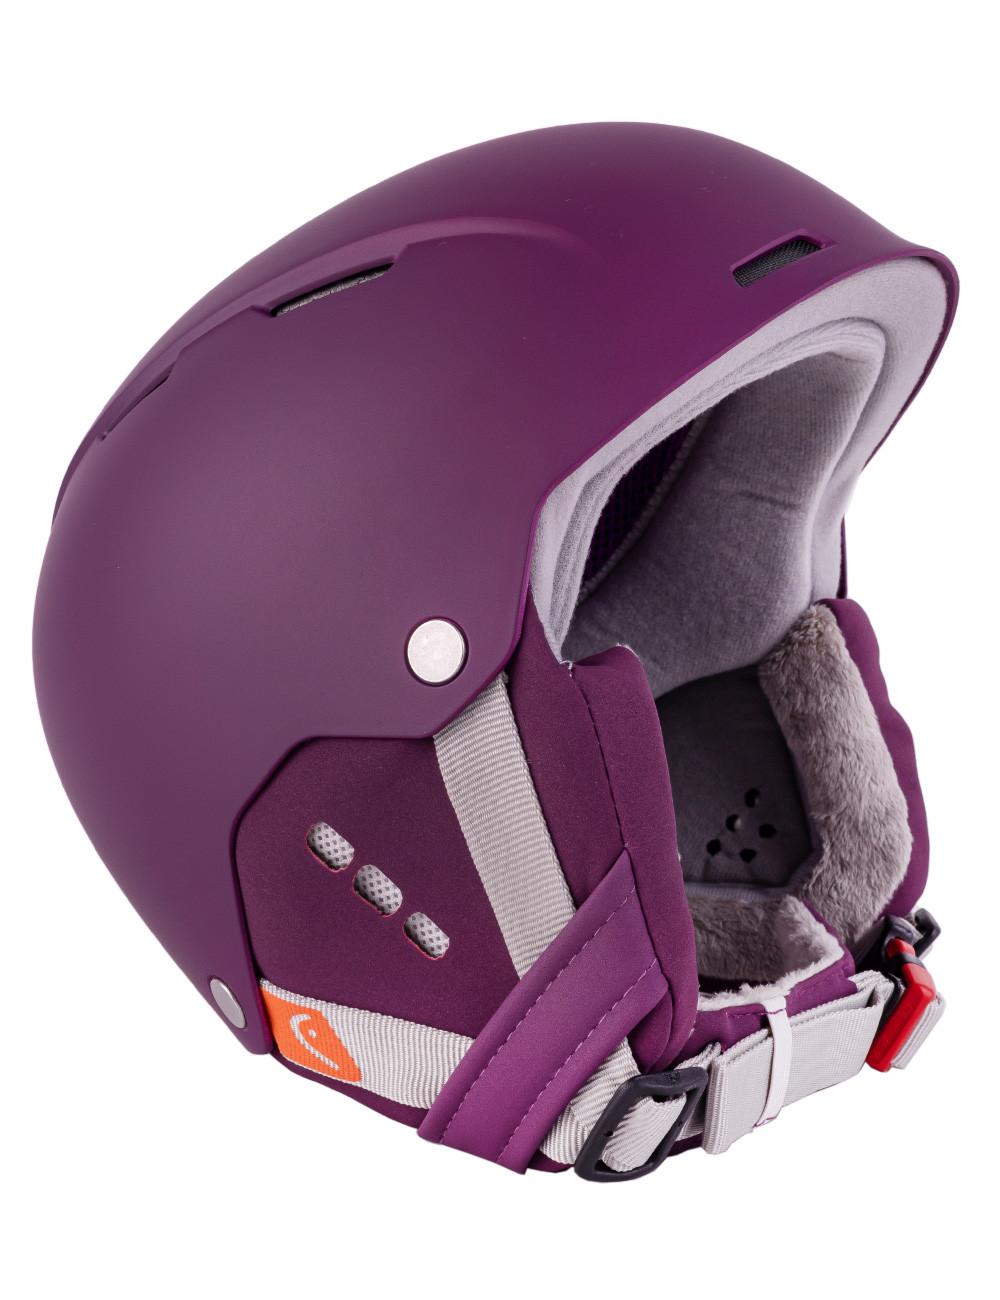 Kask narciarski Head TINA